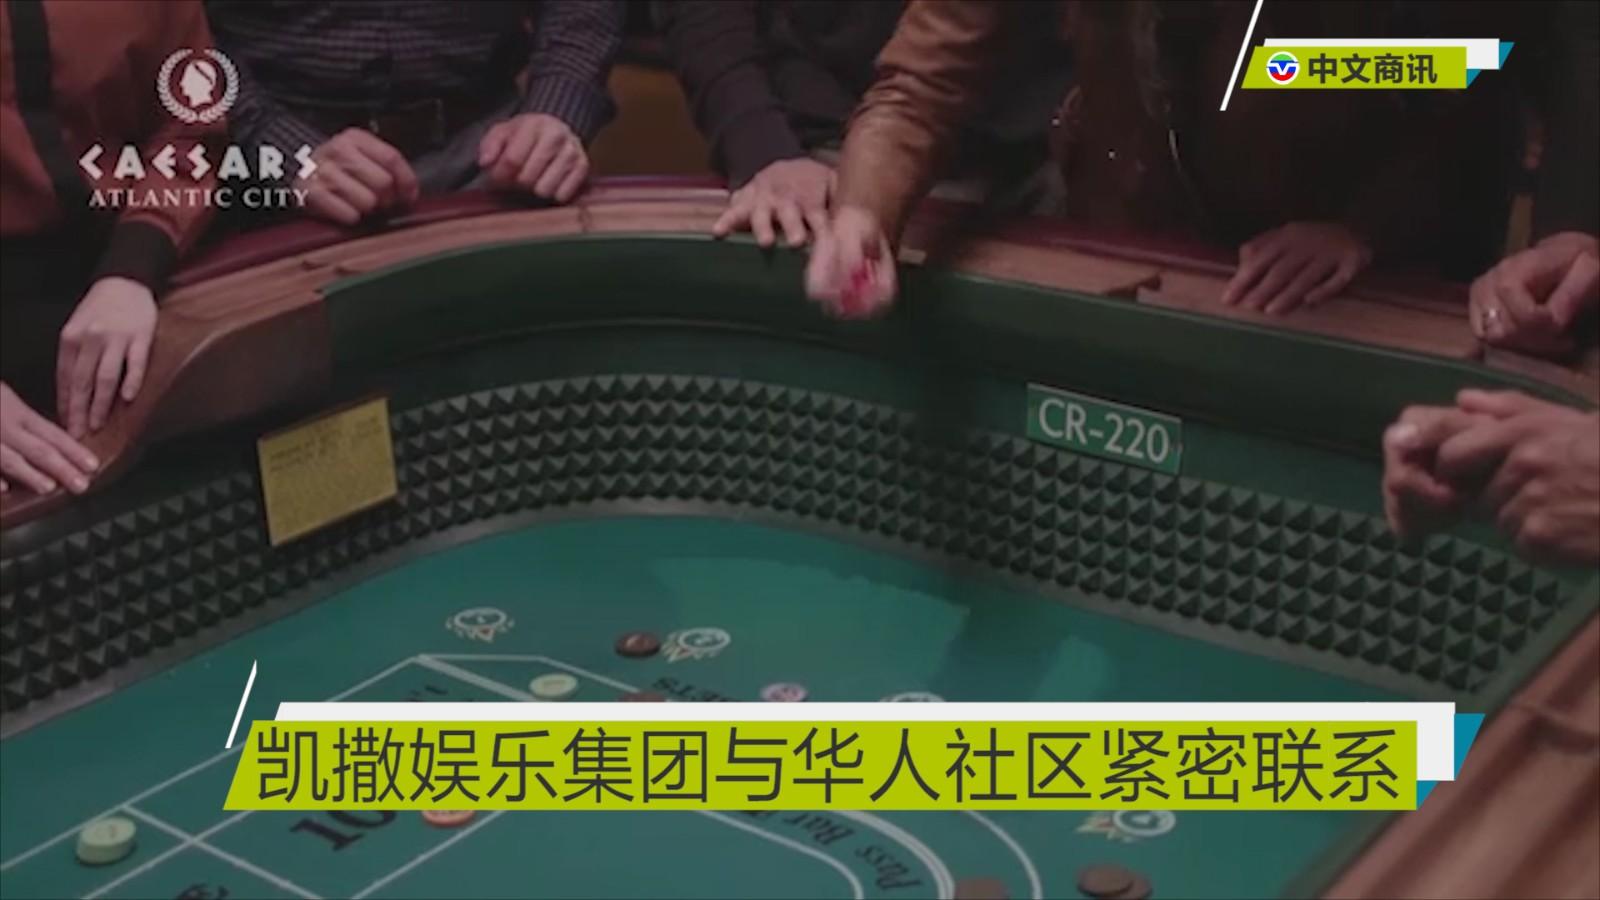 【视频】凯撒娱乐集团与华人社区紧密联系